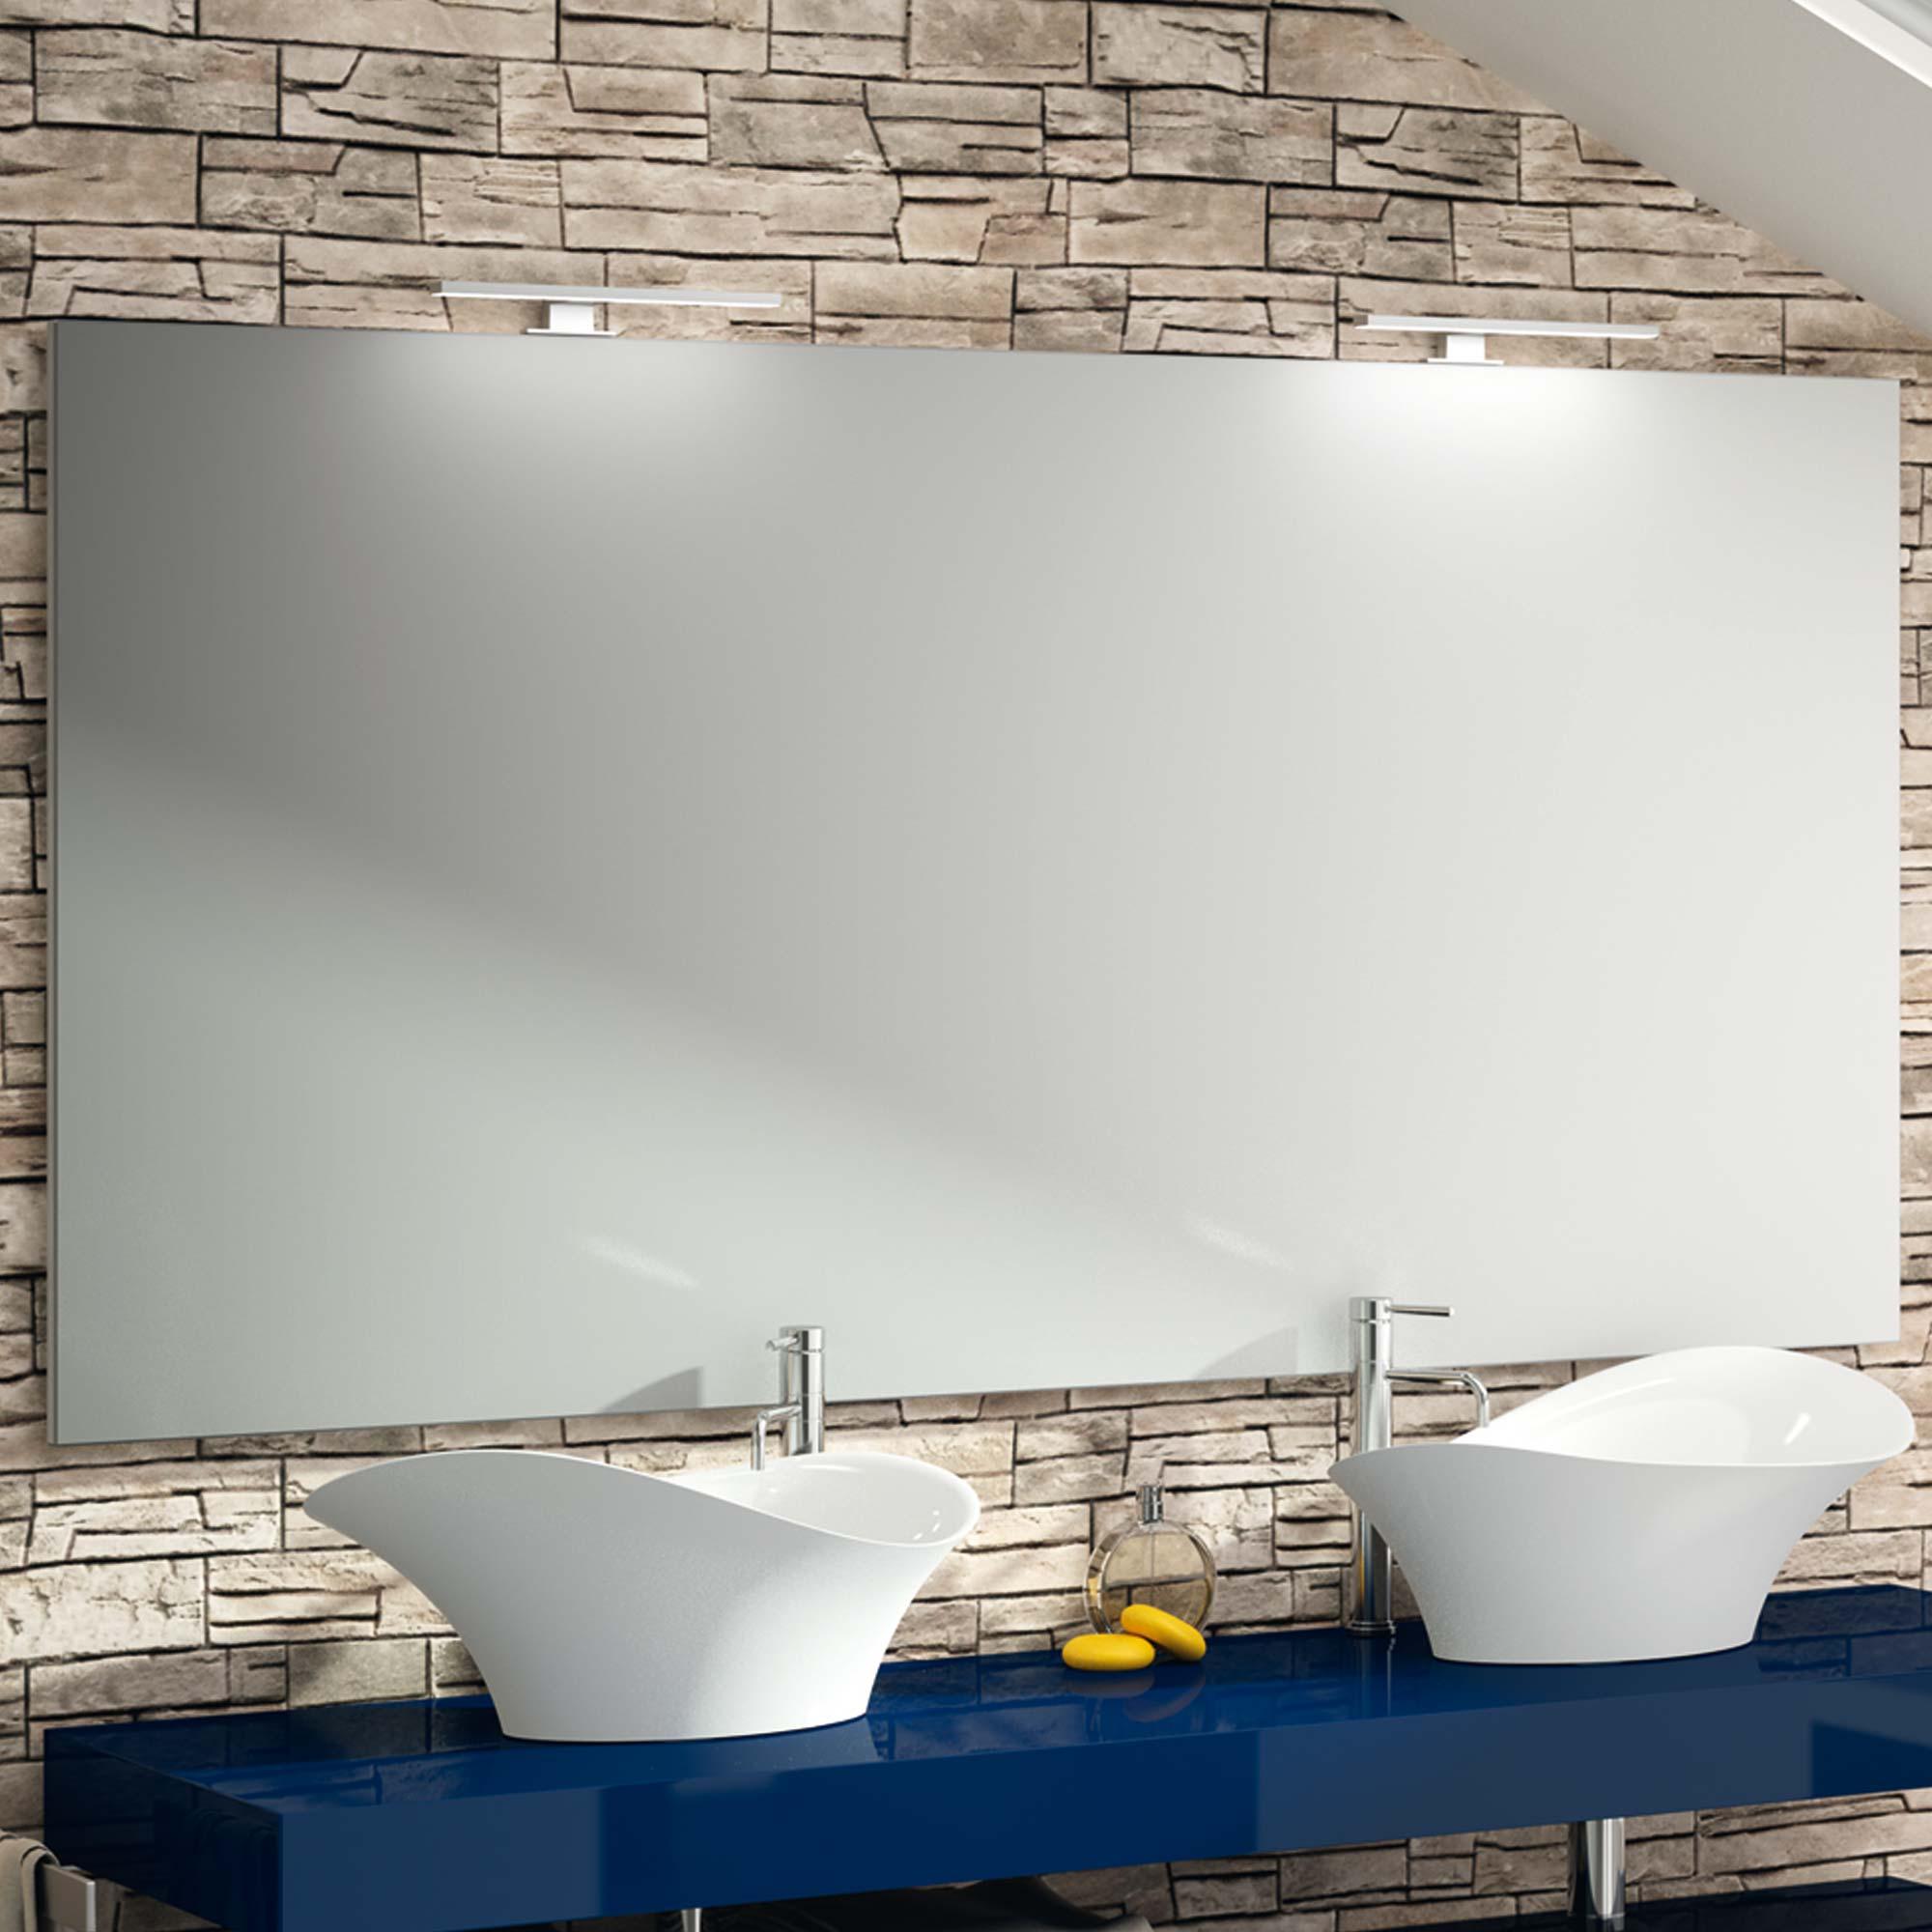 Miroirs Meubles De Salle De Bains Baignoires Fabricant Fran Ais Cedam